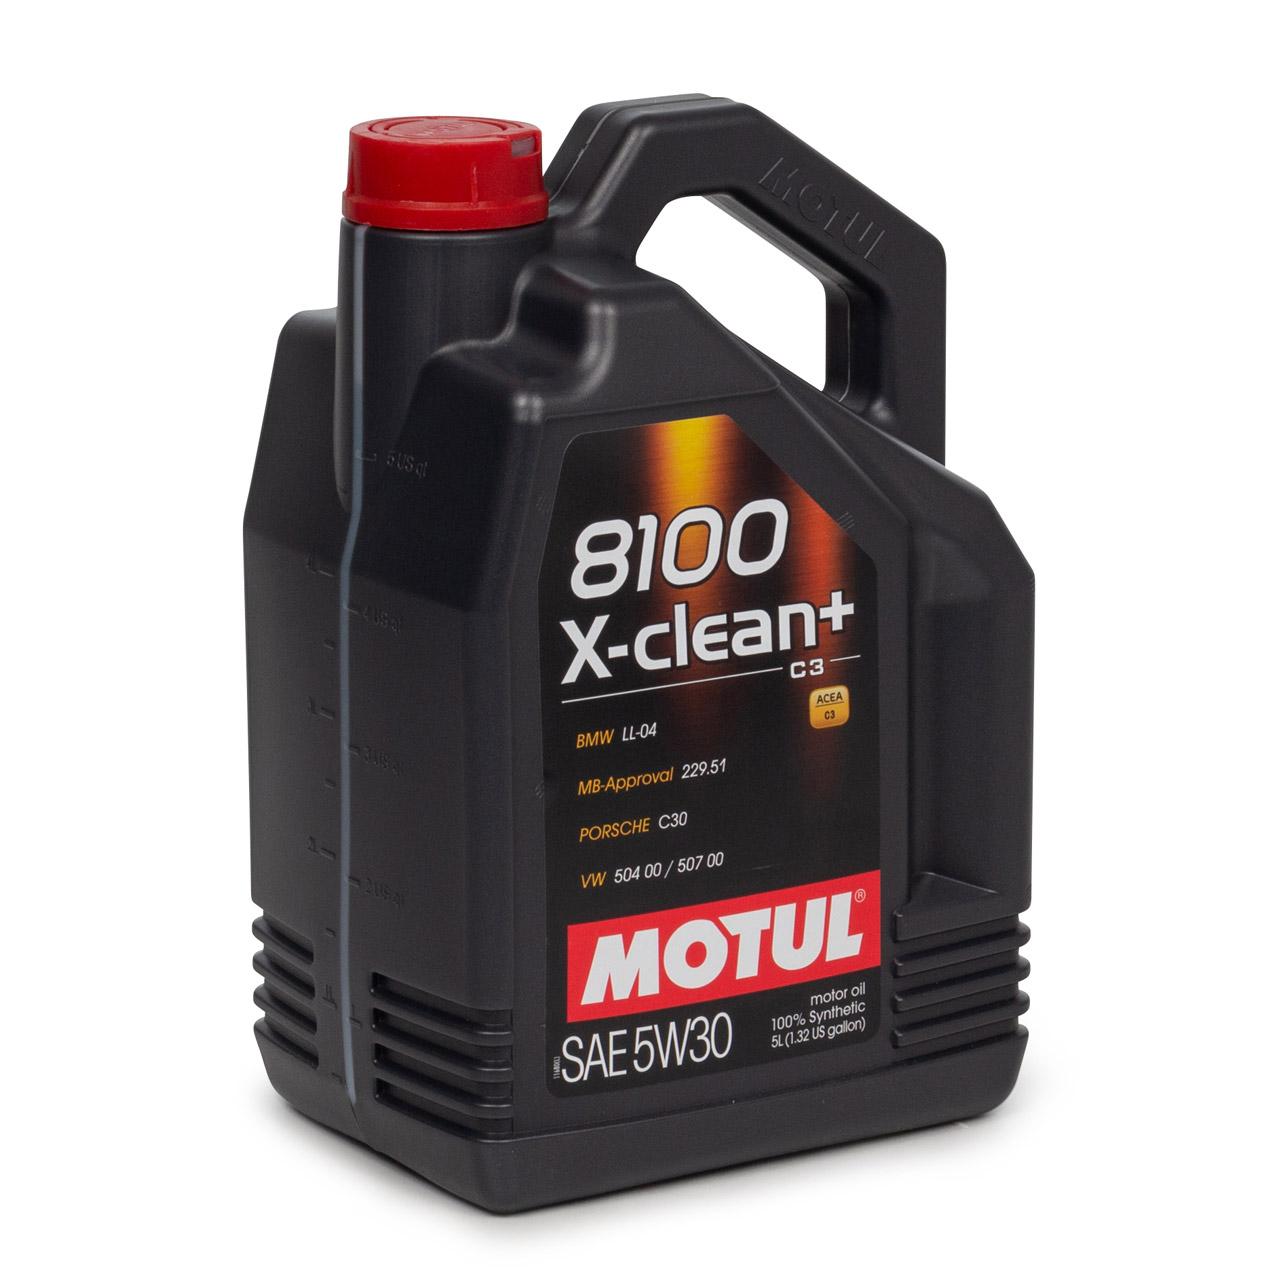 5 Liter 5L MOTUL 8100 X-clean+ C3 Motoröl Öl 5W30 BMW LL04 MB 22951 VW 504/50700